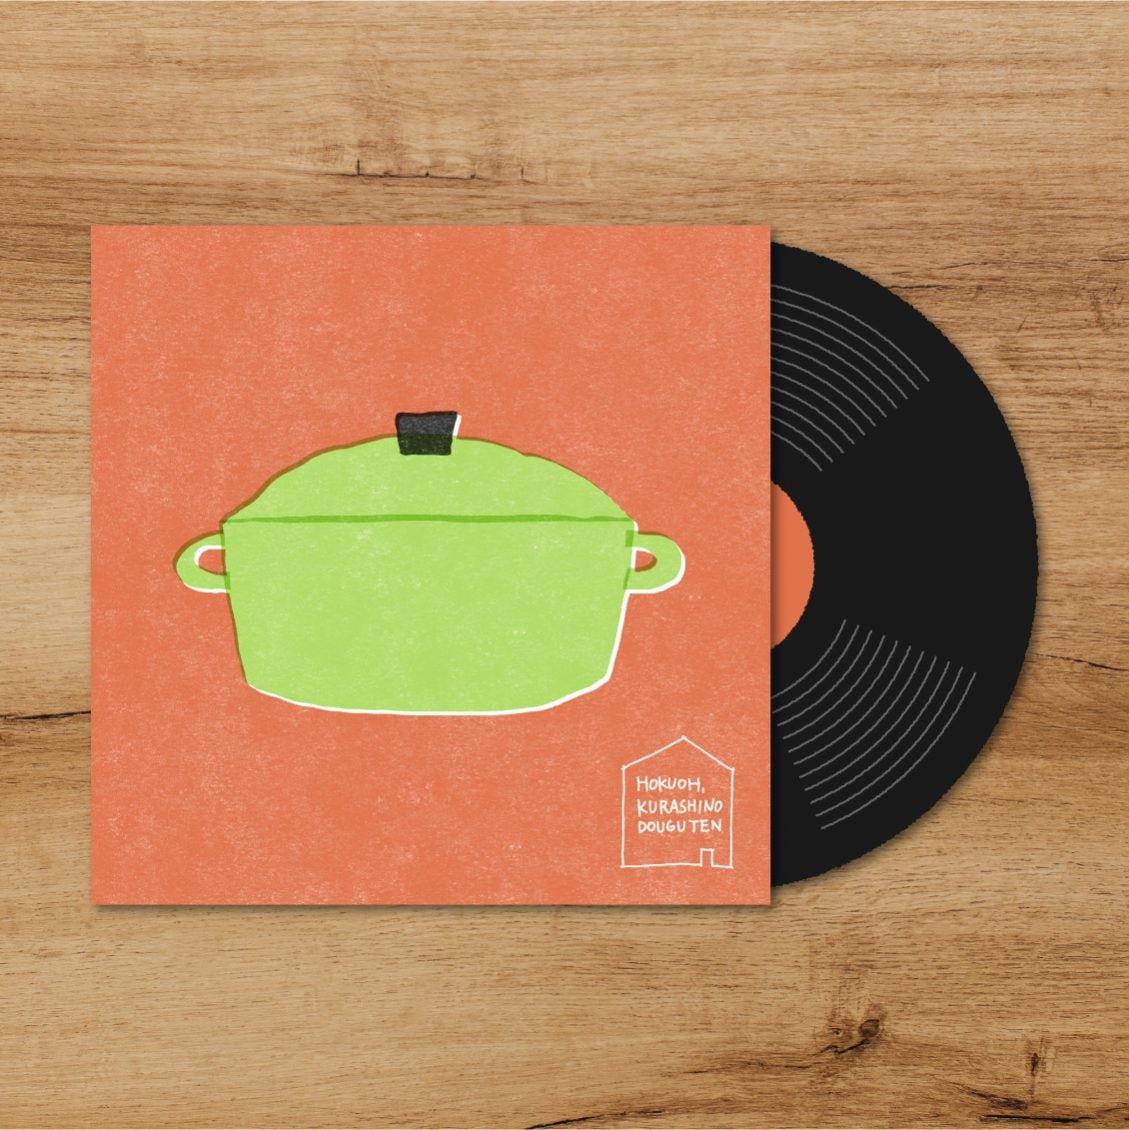 【日常に音楽を】『ひとりごとエプロン』シーズン2公開記念!「料理と、音楽と。」を更新しました